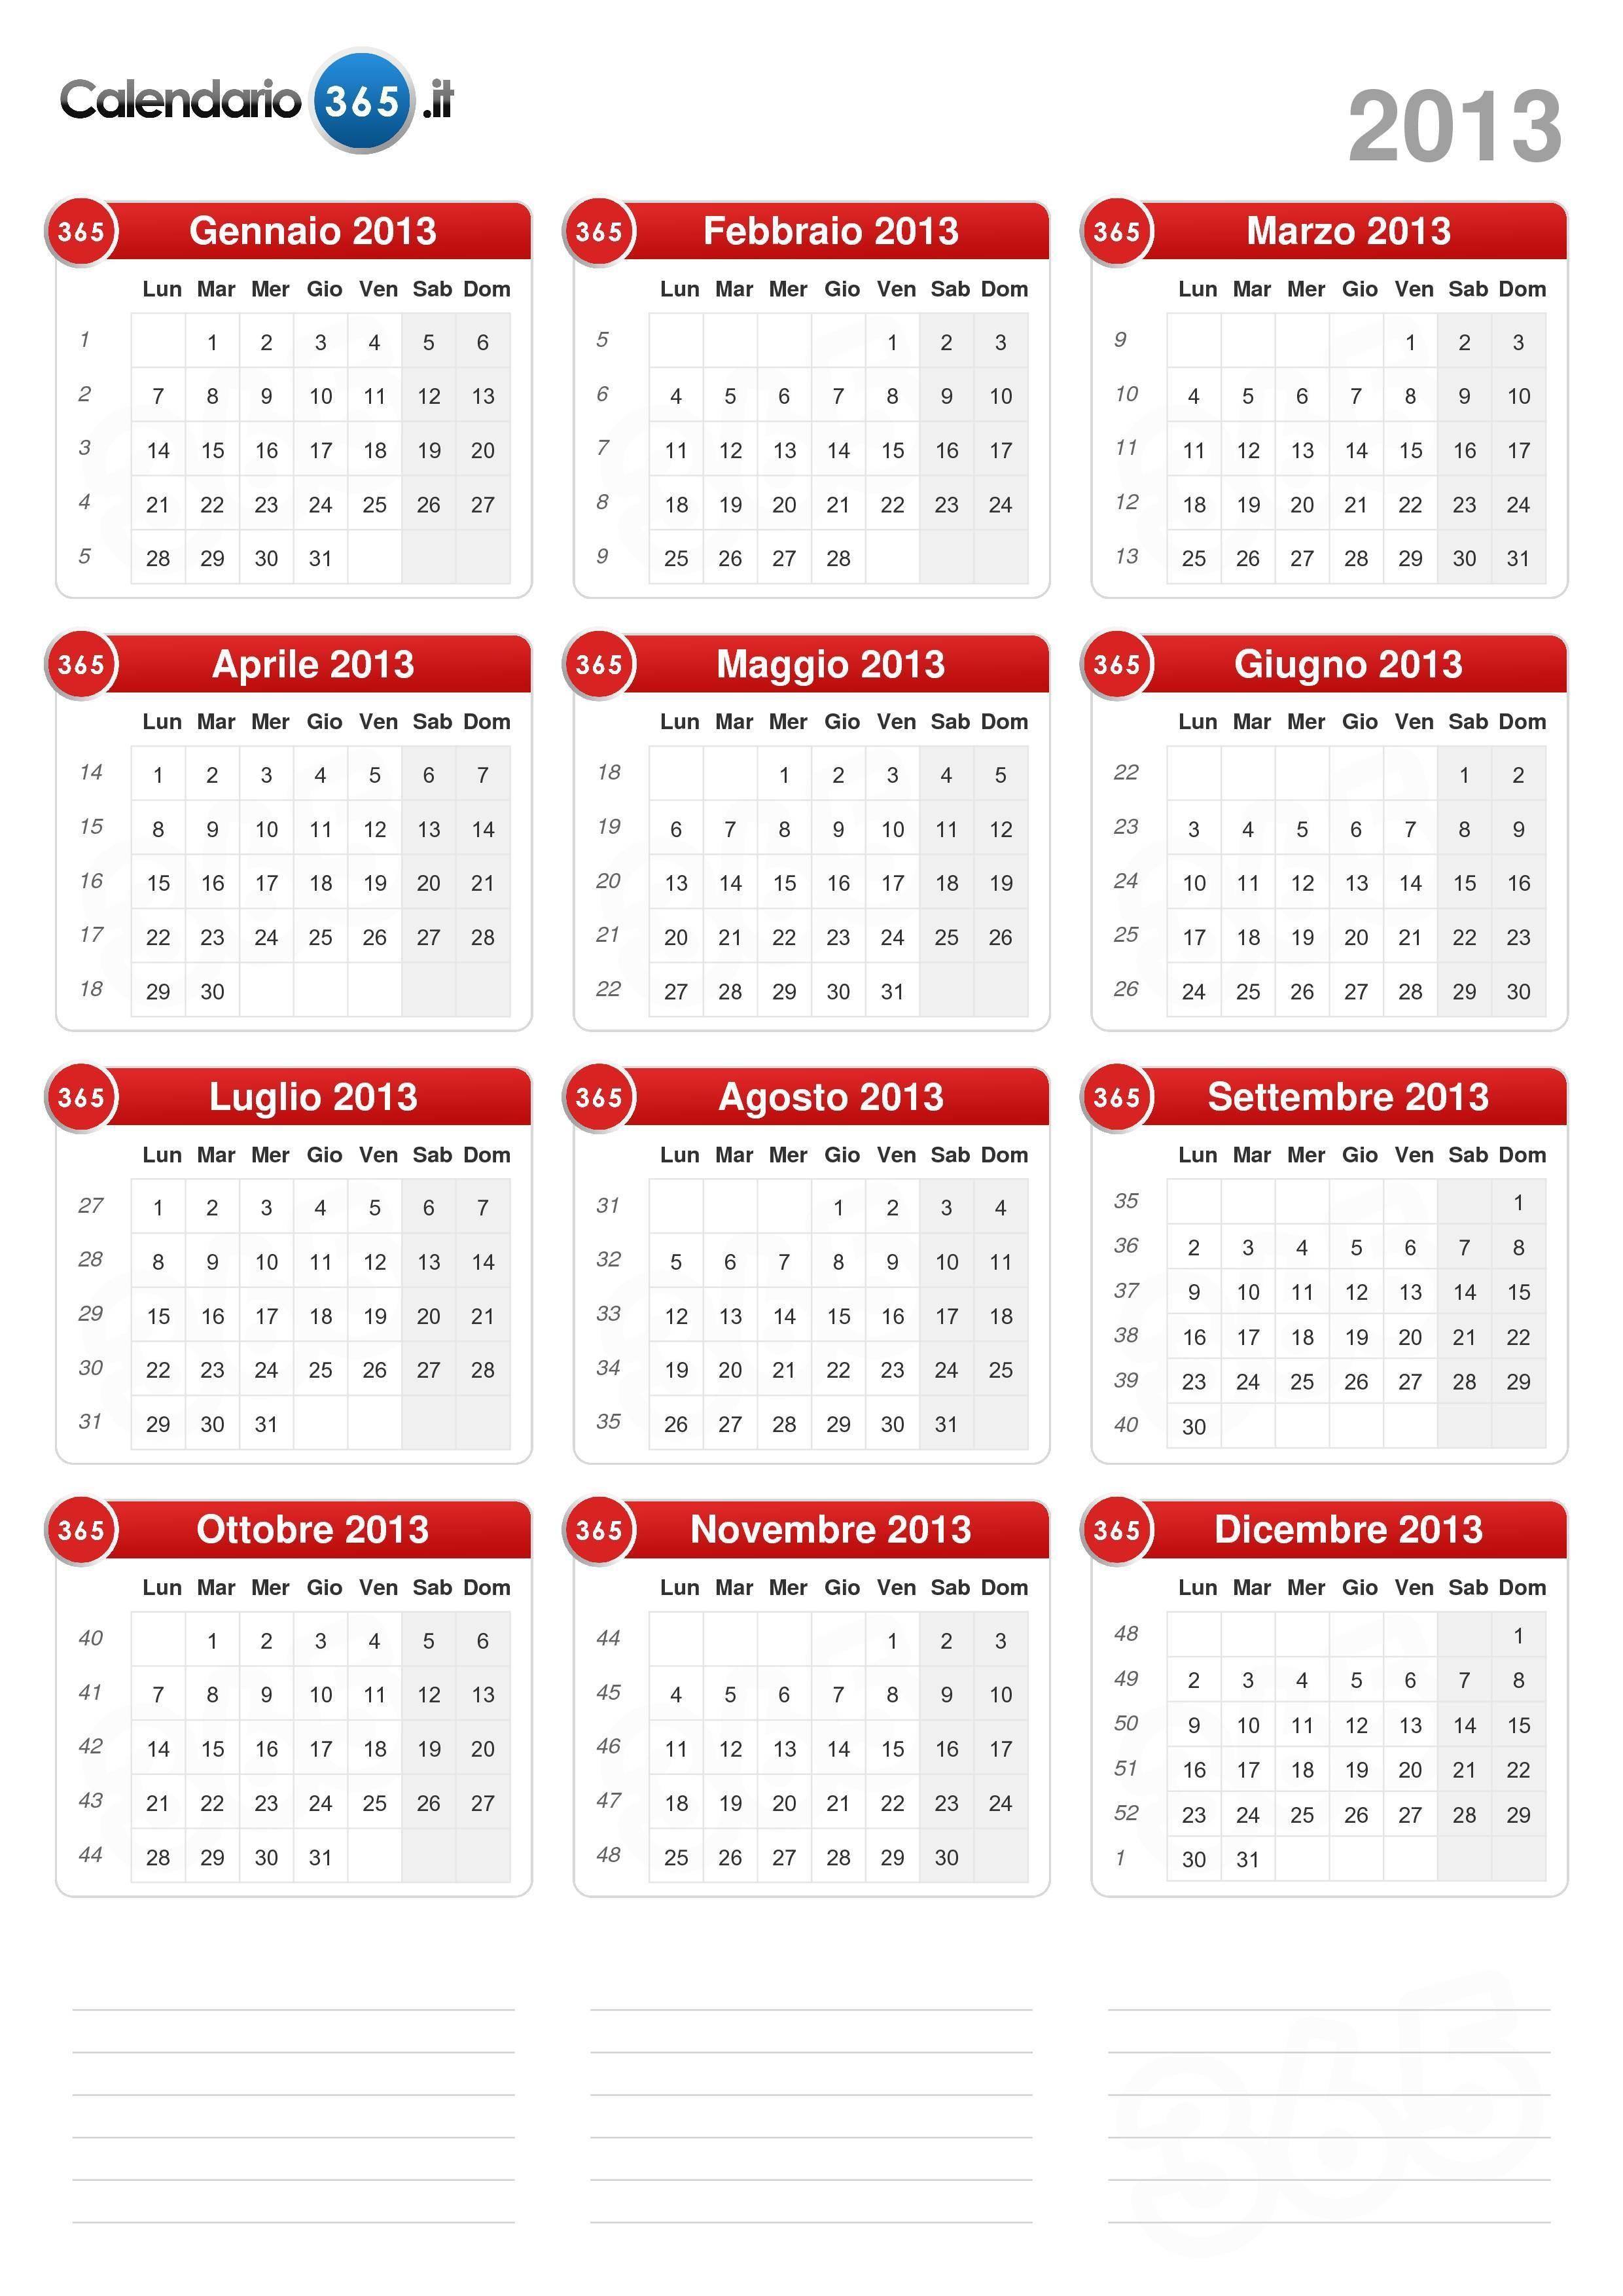 Calendario 2013 formato ritratto v2